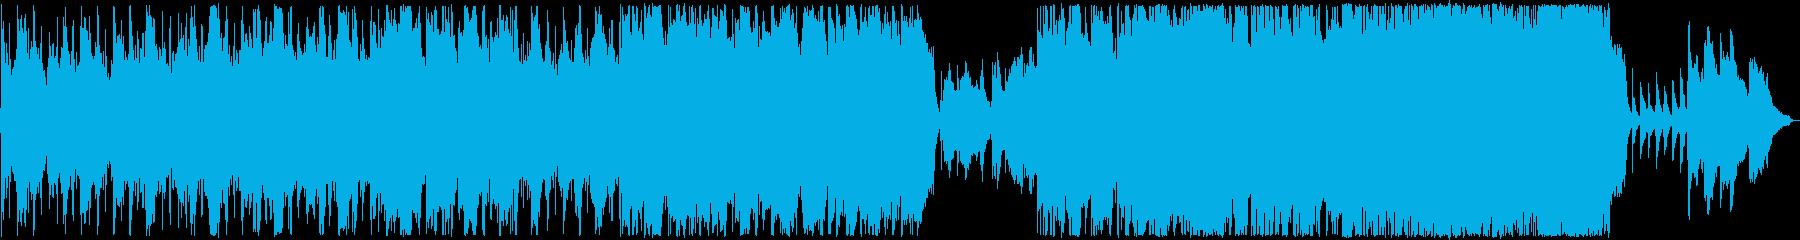 ピンクフロイド風の物悲しいBGM2の再生済みの波形